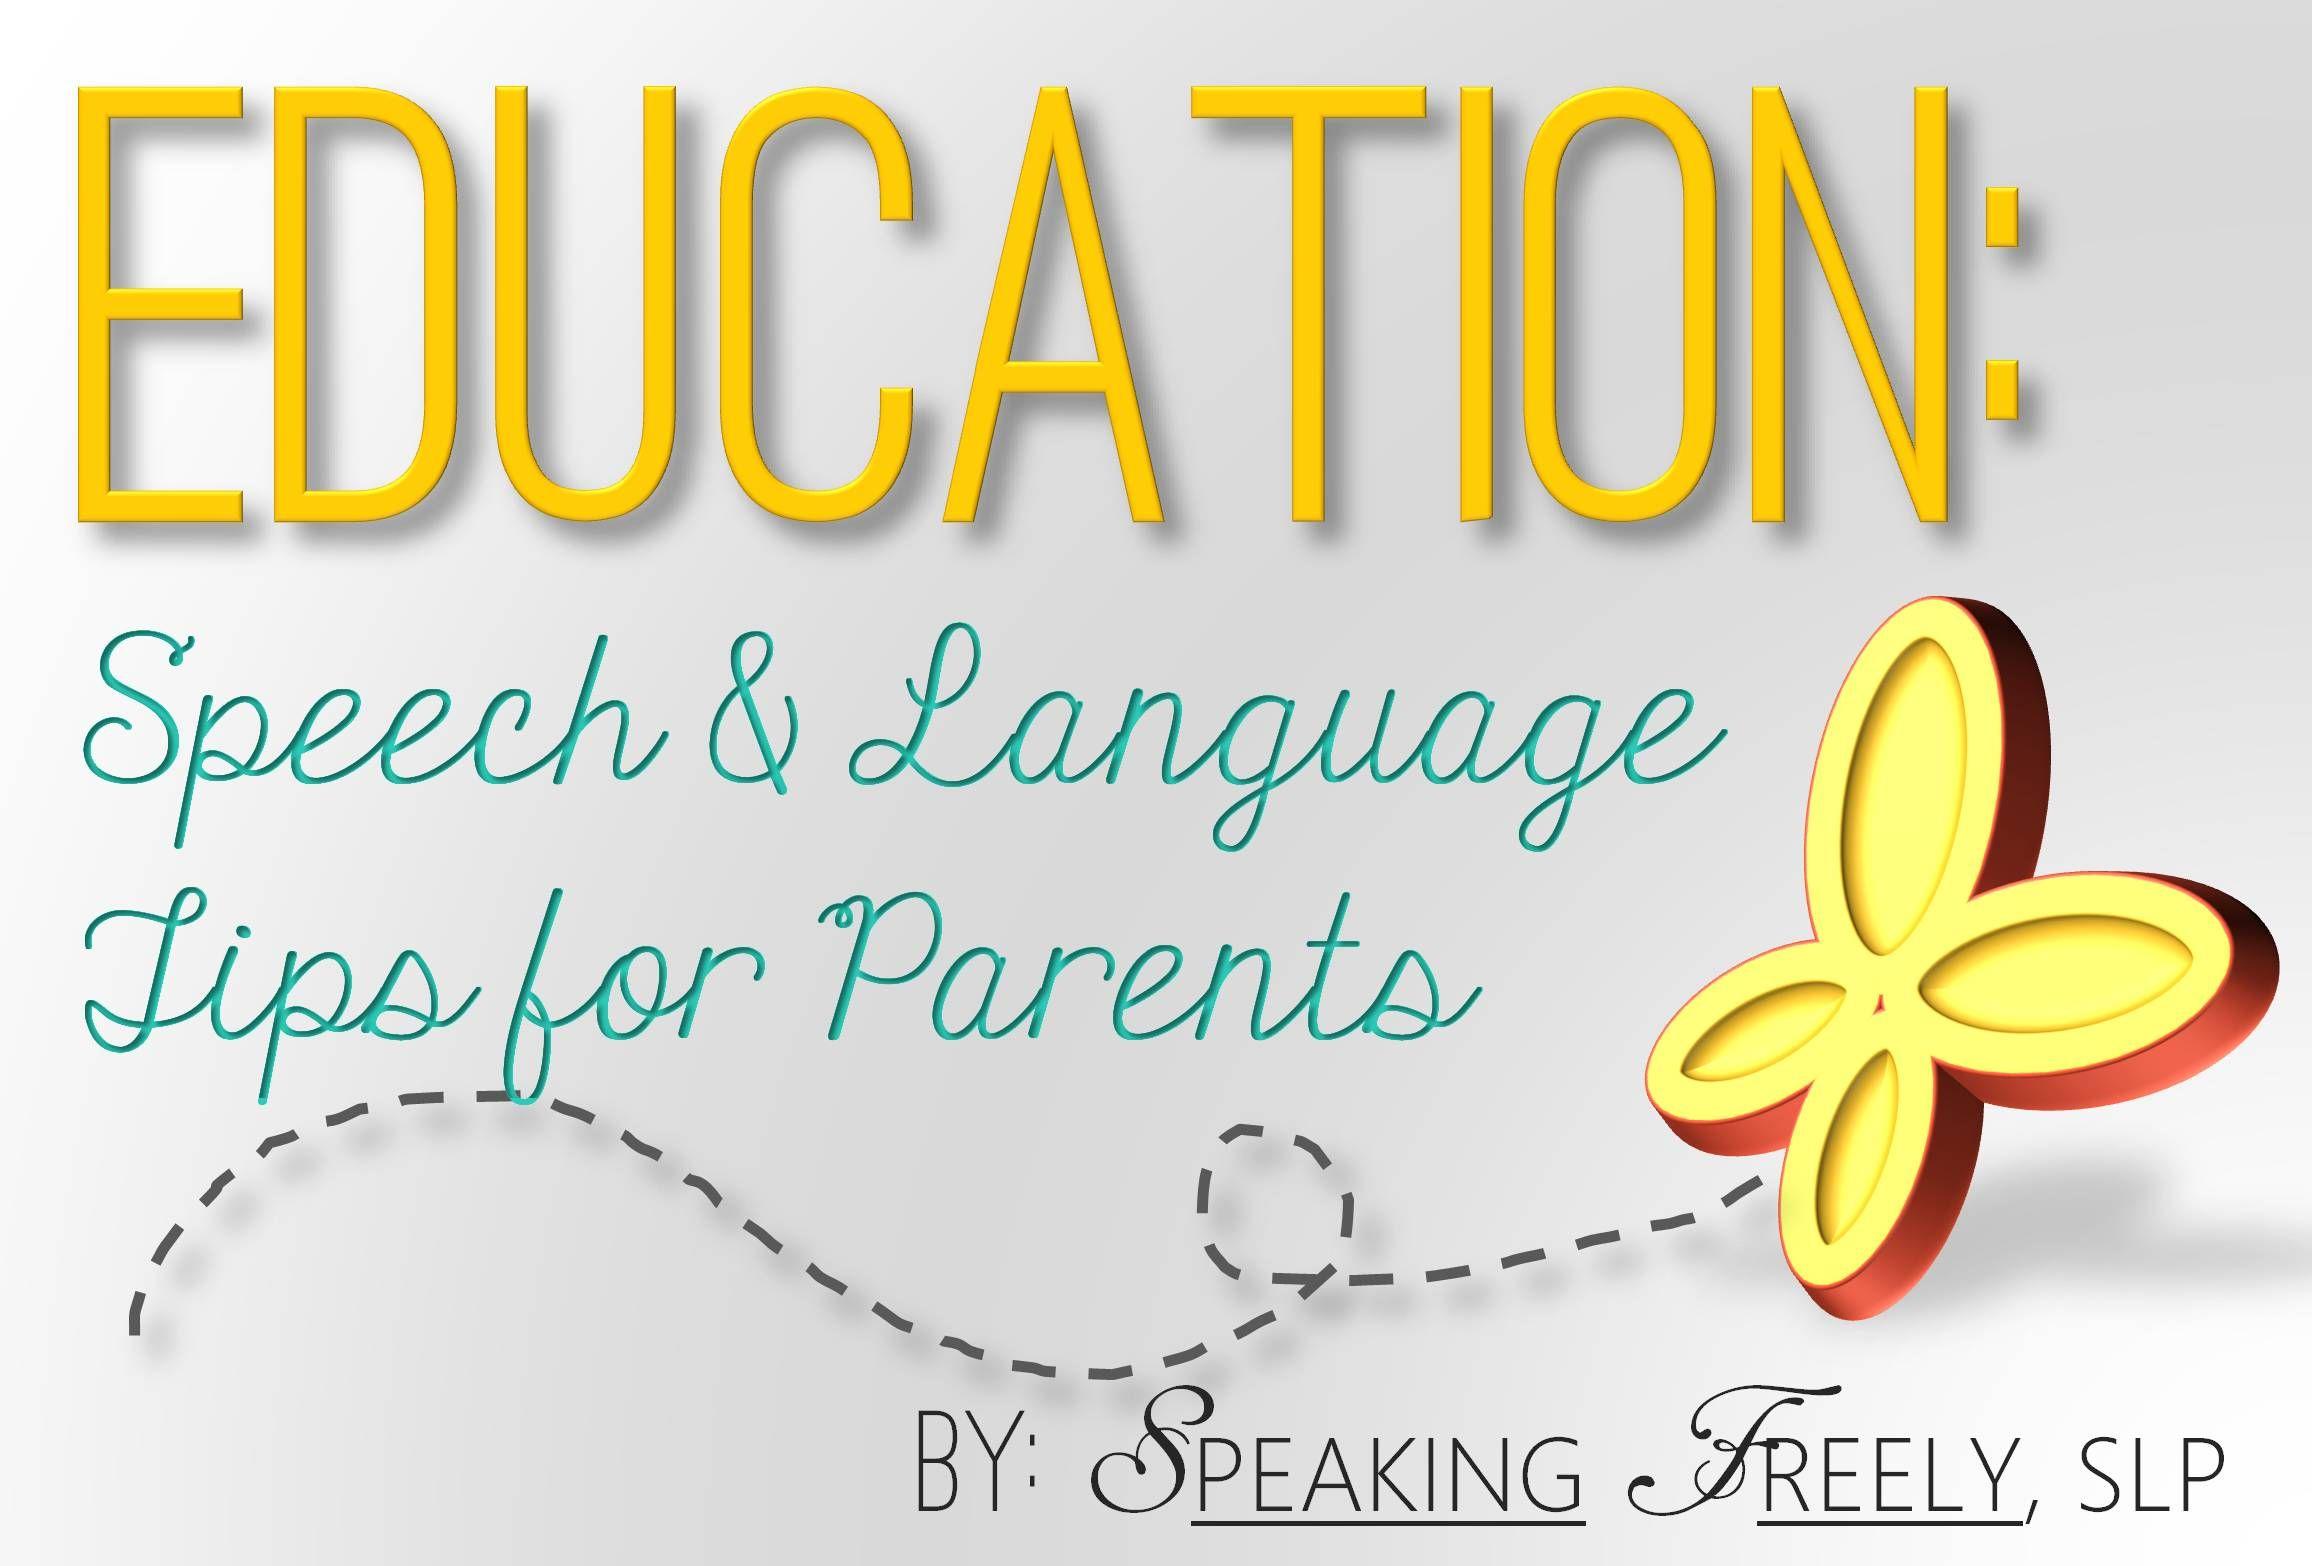 Pin By Speaking Freely Slp On Education Speech